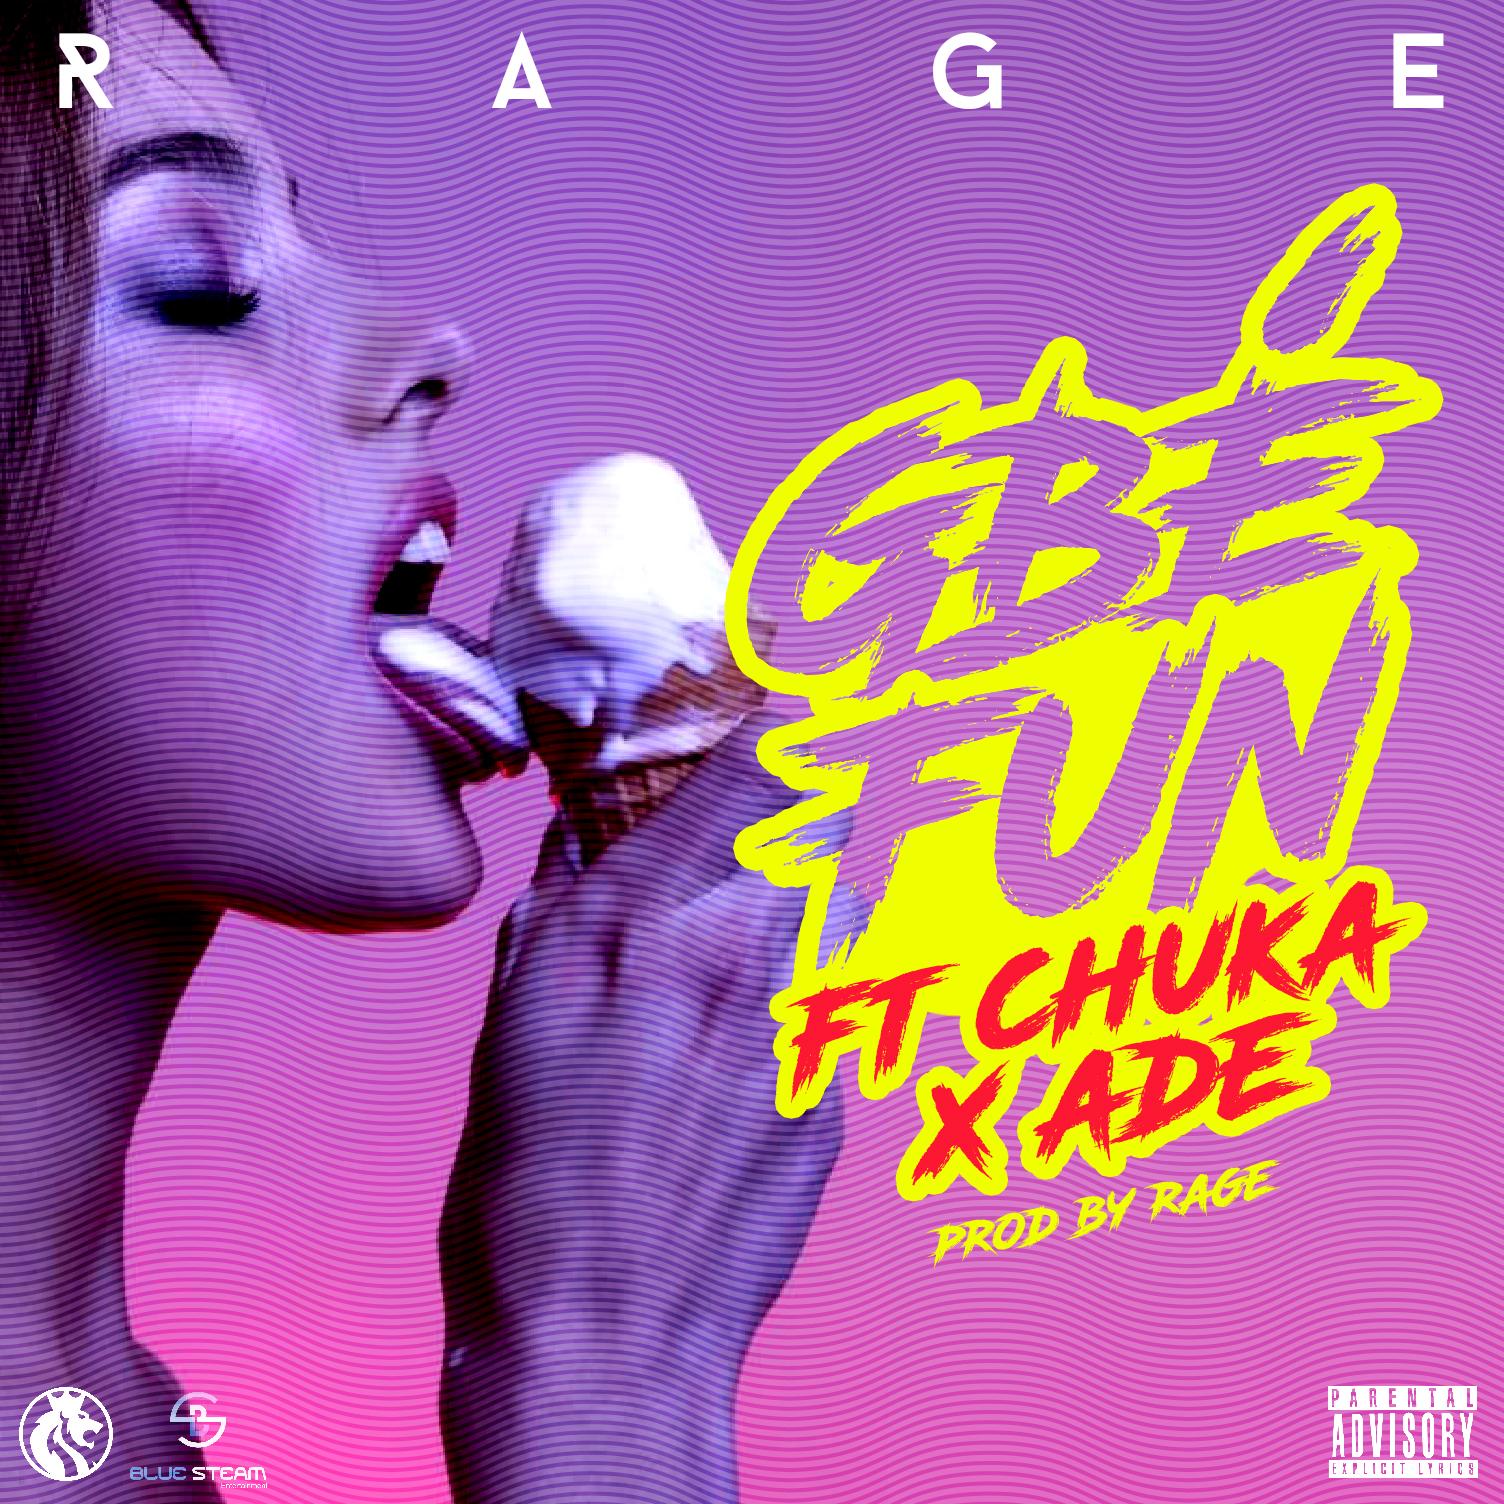 EW MUSIC: RAGE X CHUKA X ADE - GBE FUN (PROD BY RAGE)